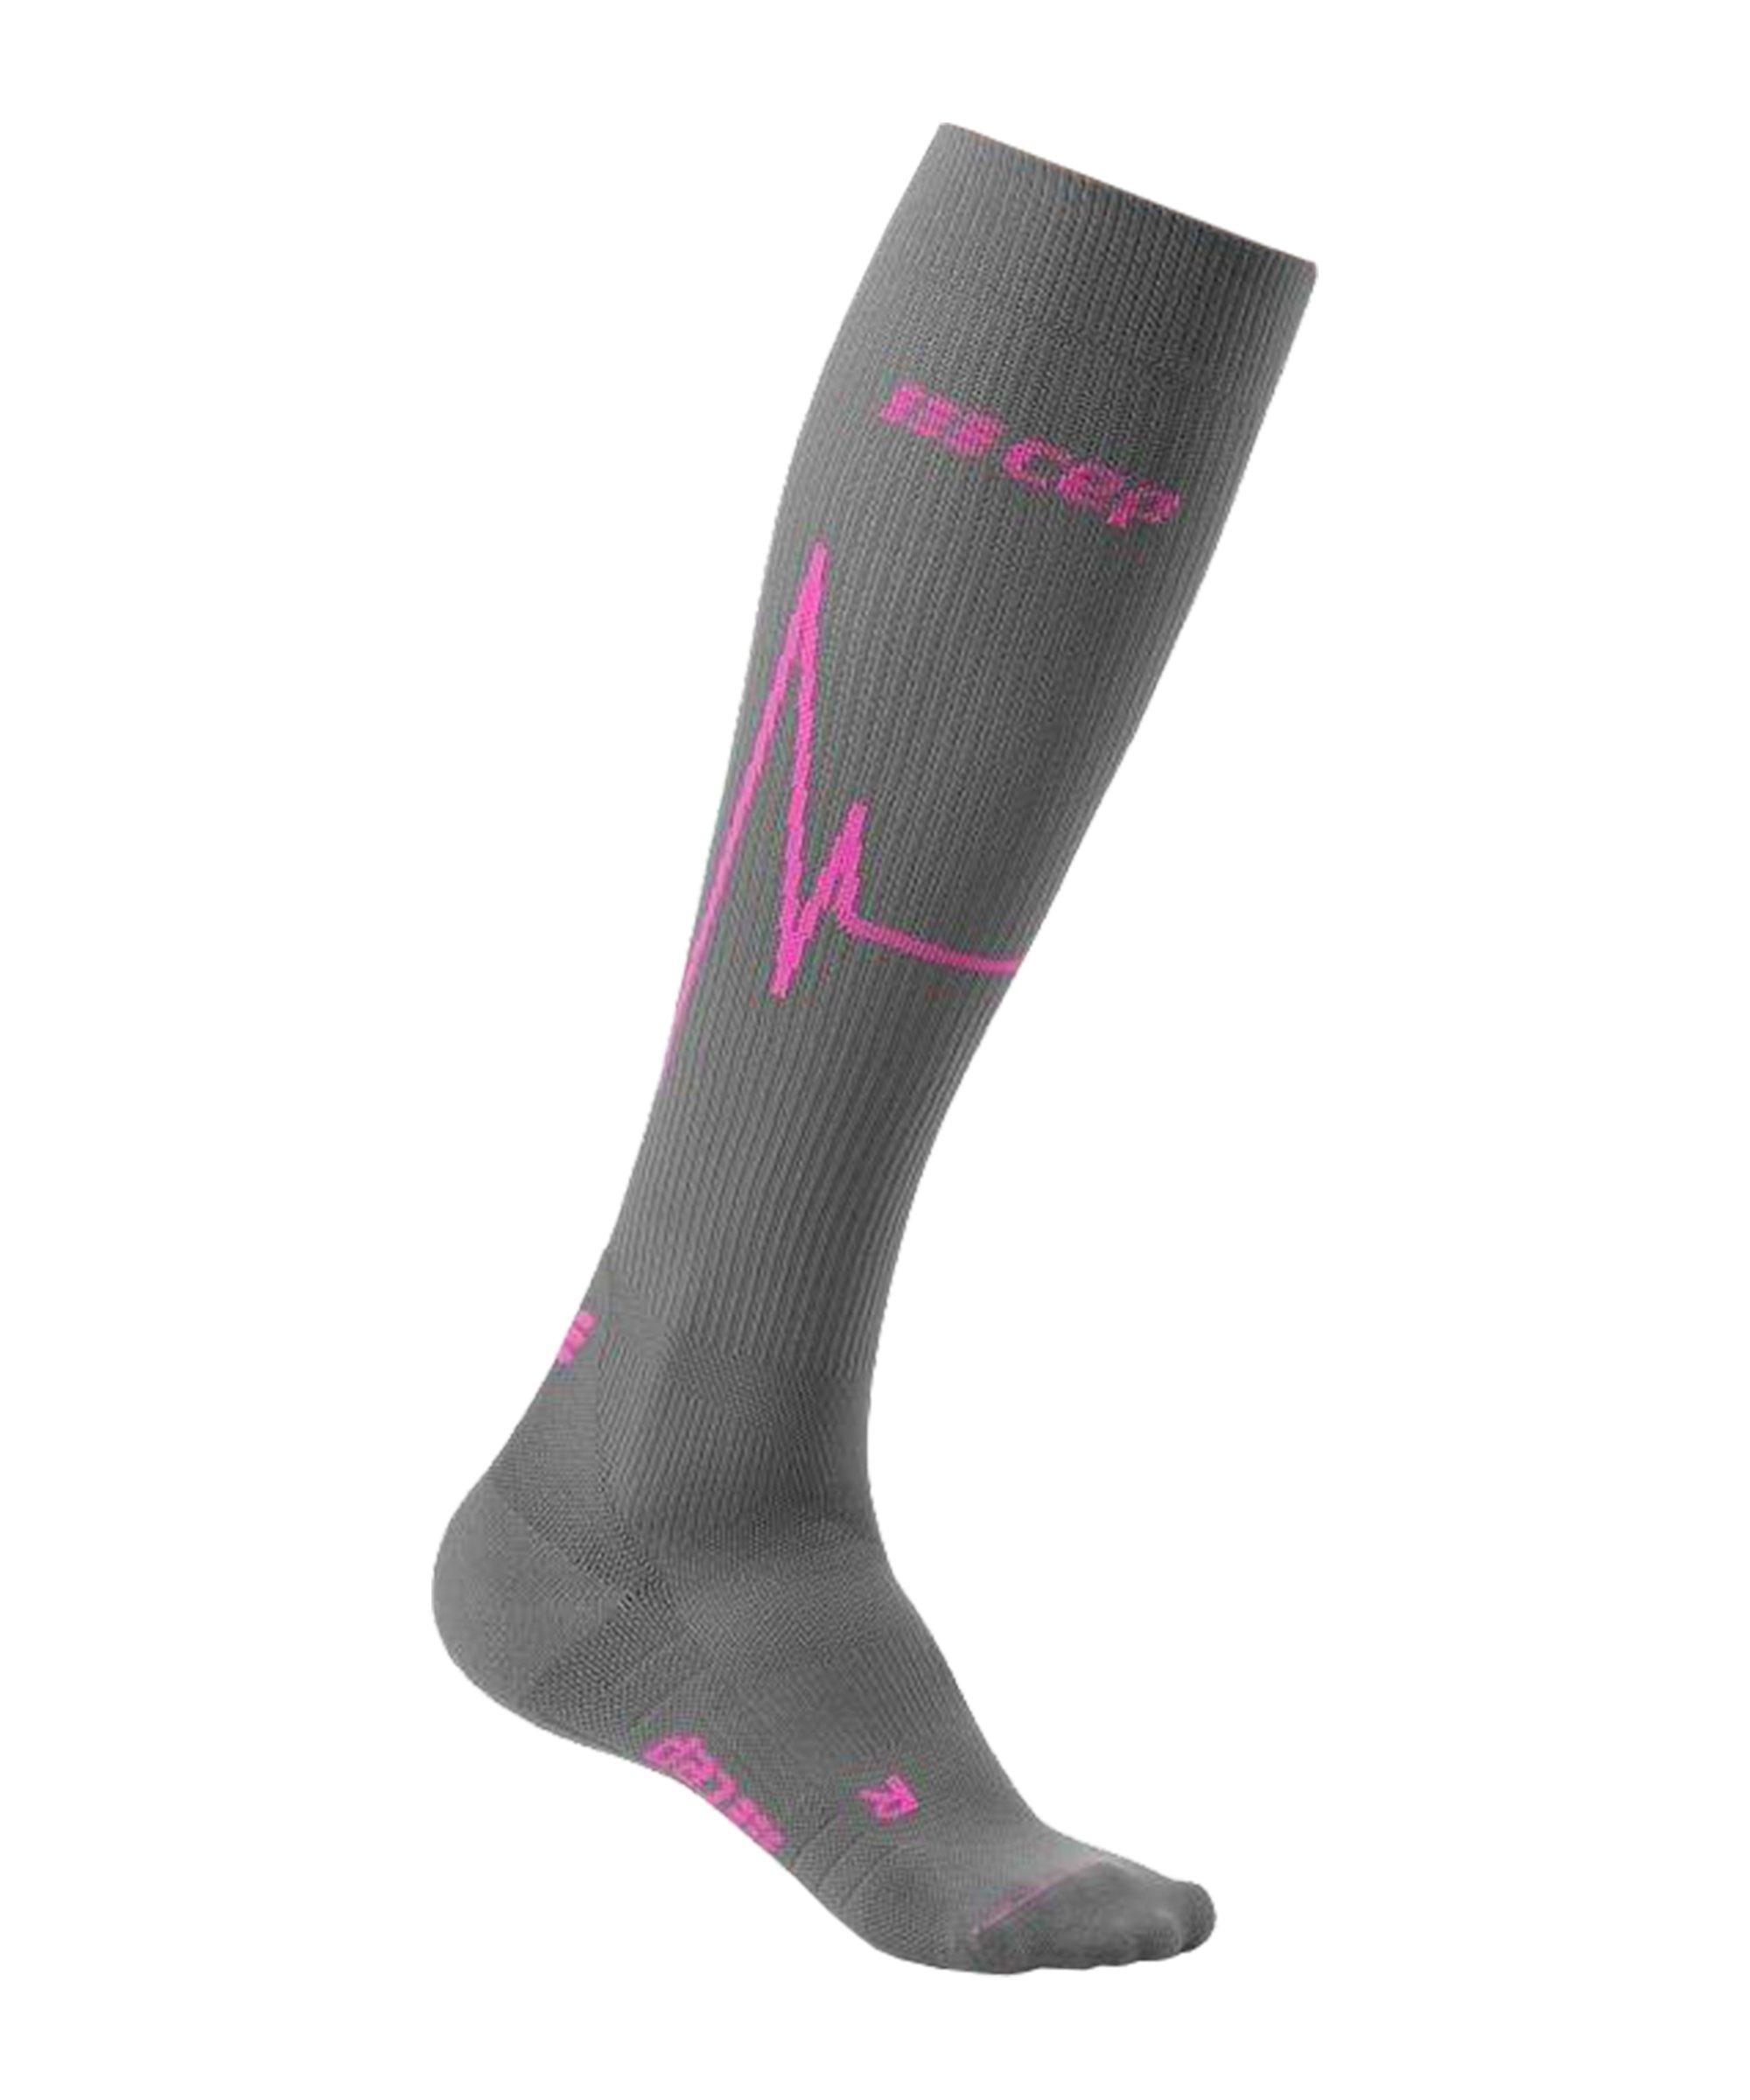 CEP Heartbeat Socken Running Damen Grau - rot